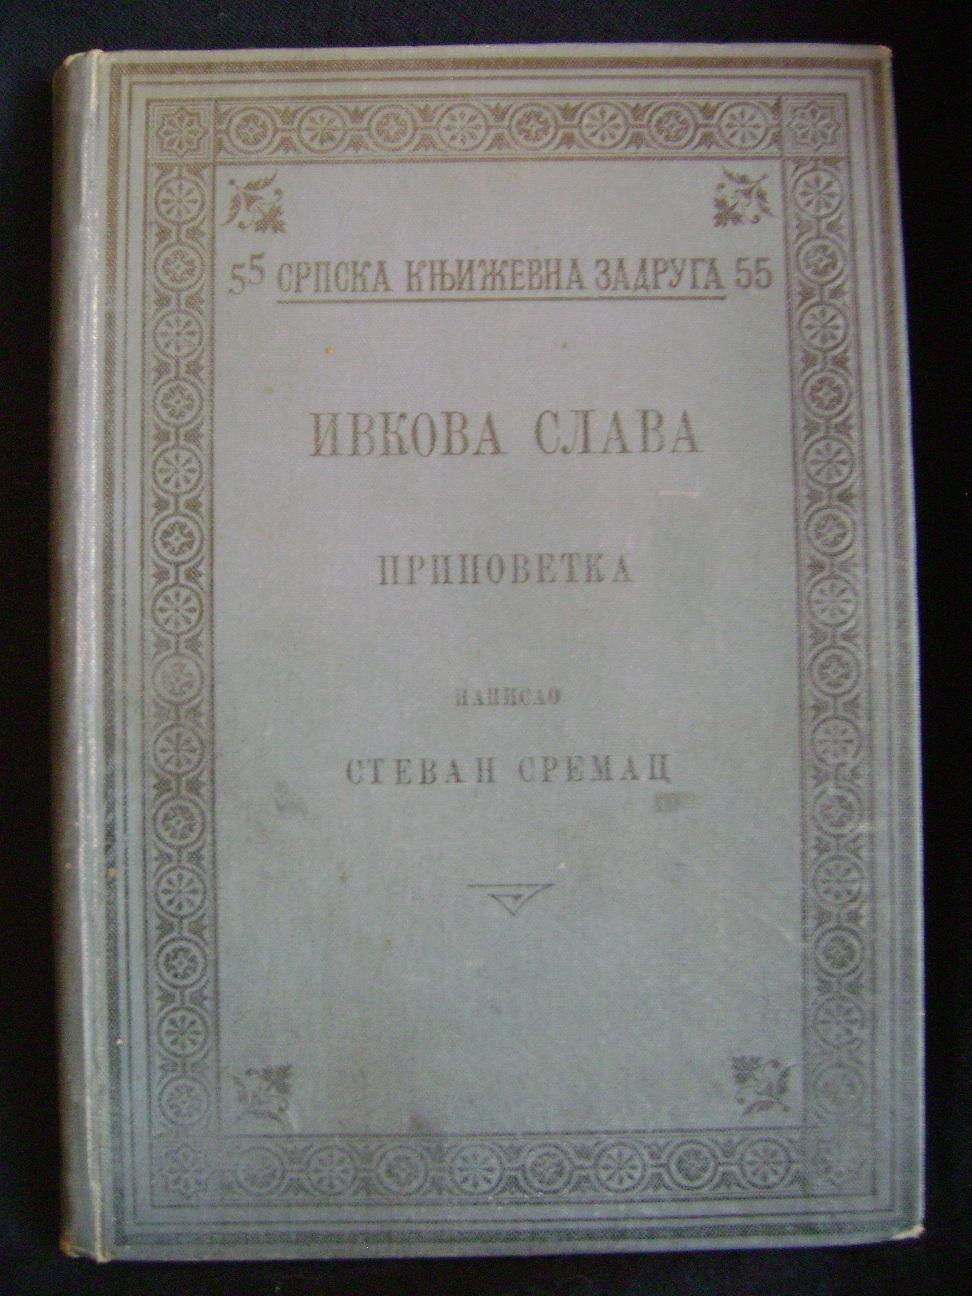 IVKOVA_SLAVA_Stevan_Sremac_1899__1.JPG